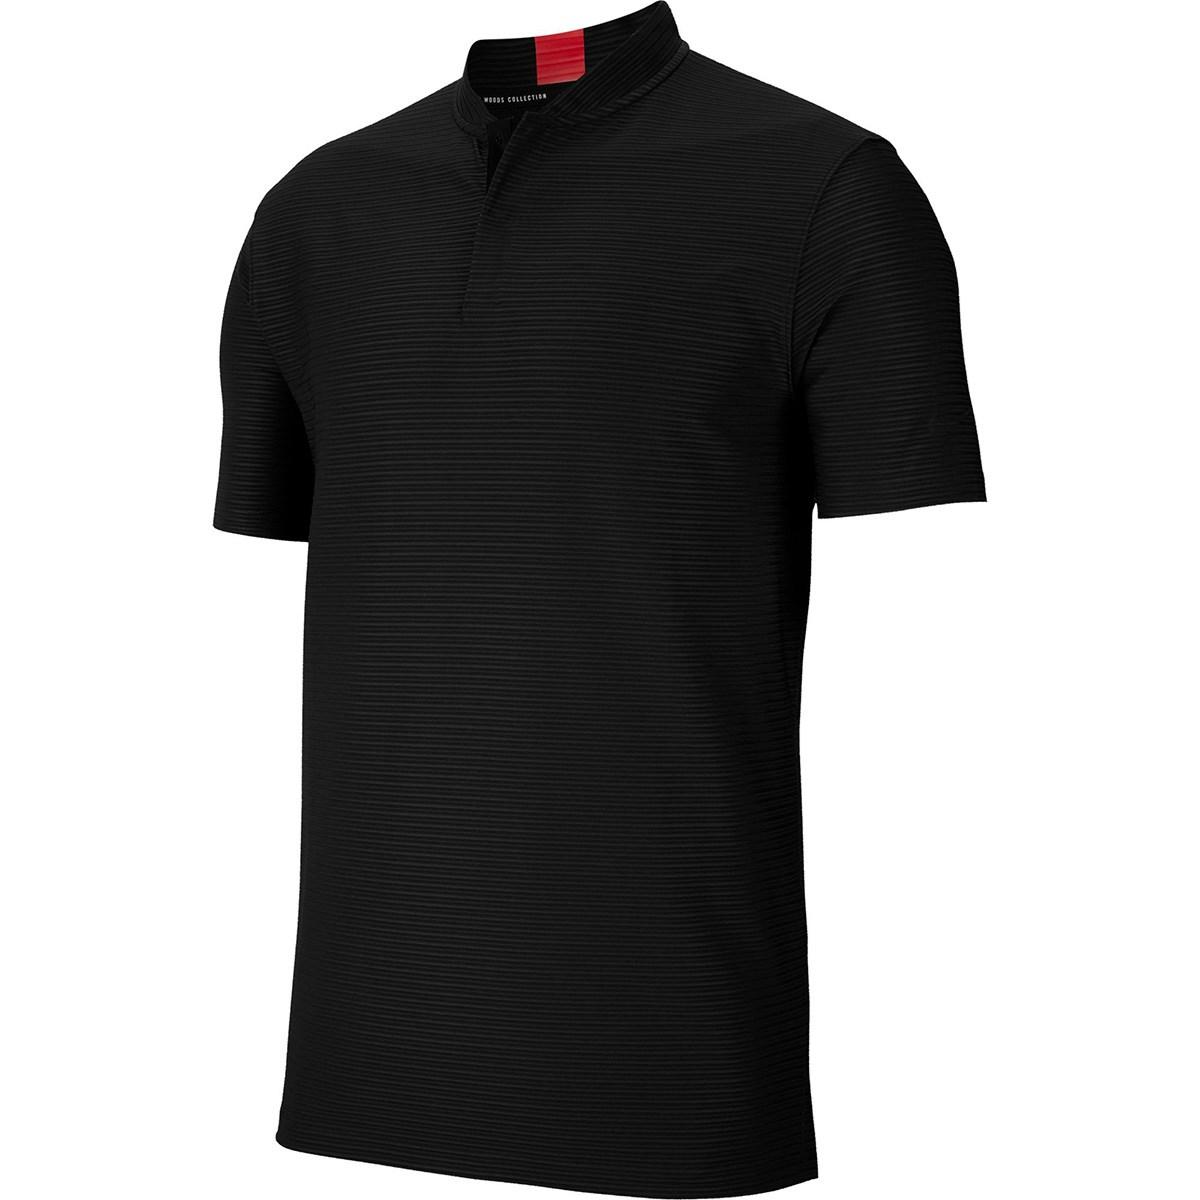 ナイキ(NIKE) DRI-FIT スピード BLD 半袖ポロシャツ